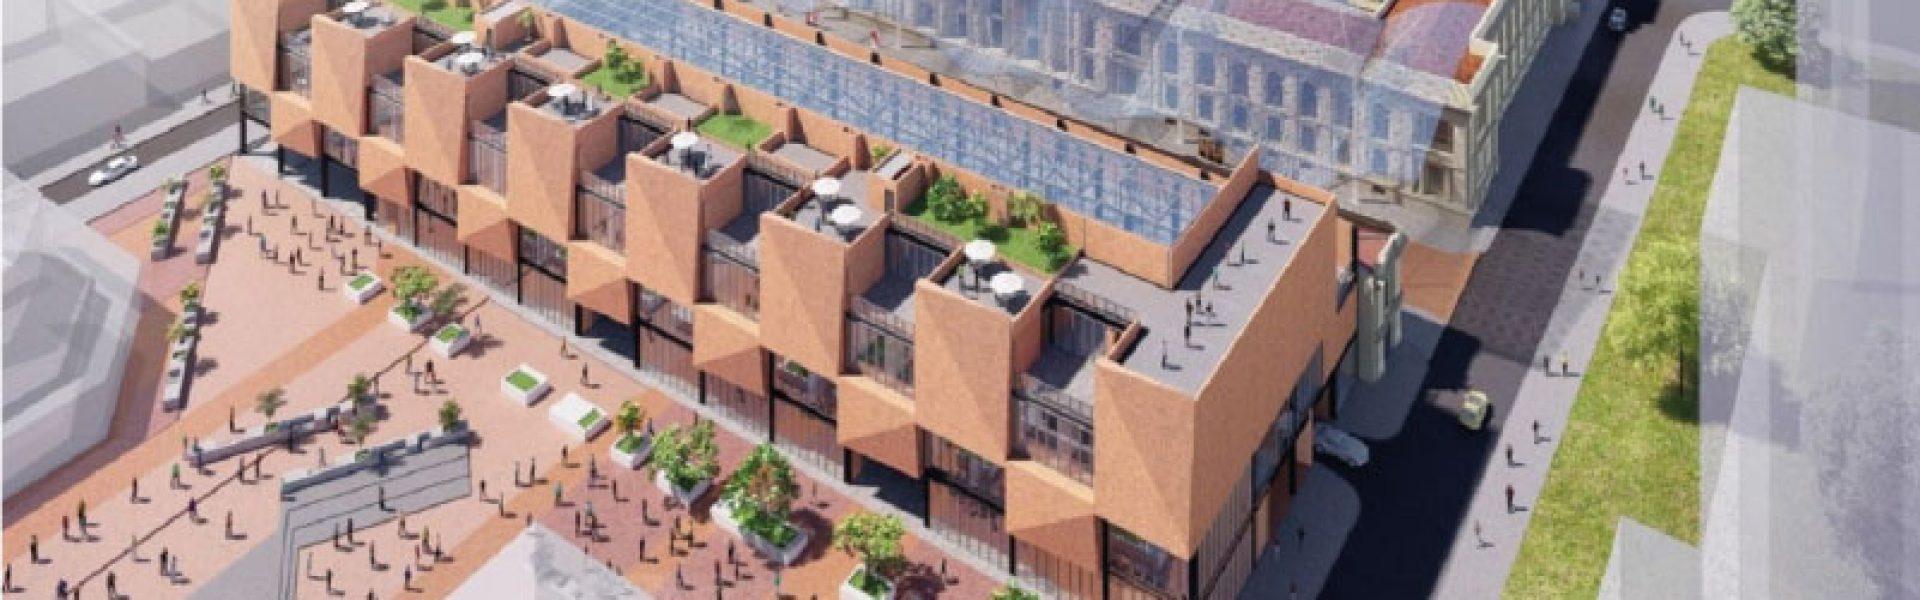 Publicados-pliegos-para-la-construcción-del-Bronx-Distrito-Creativo